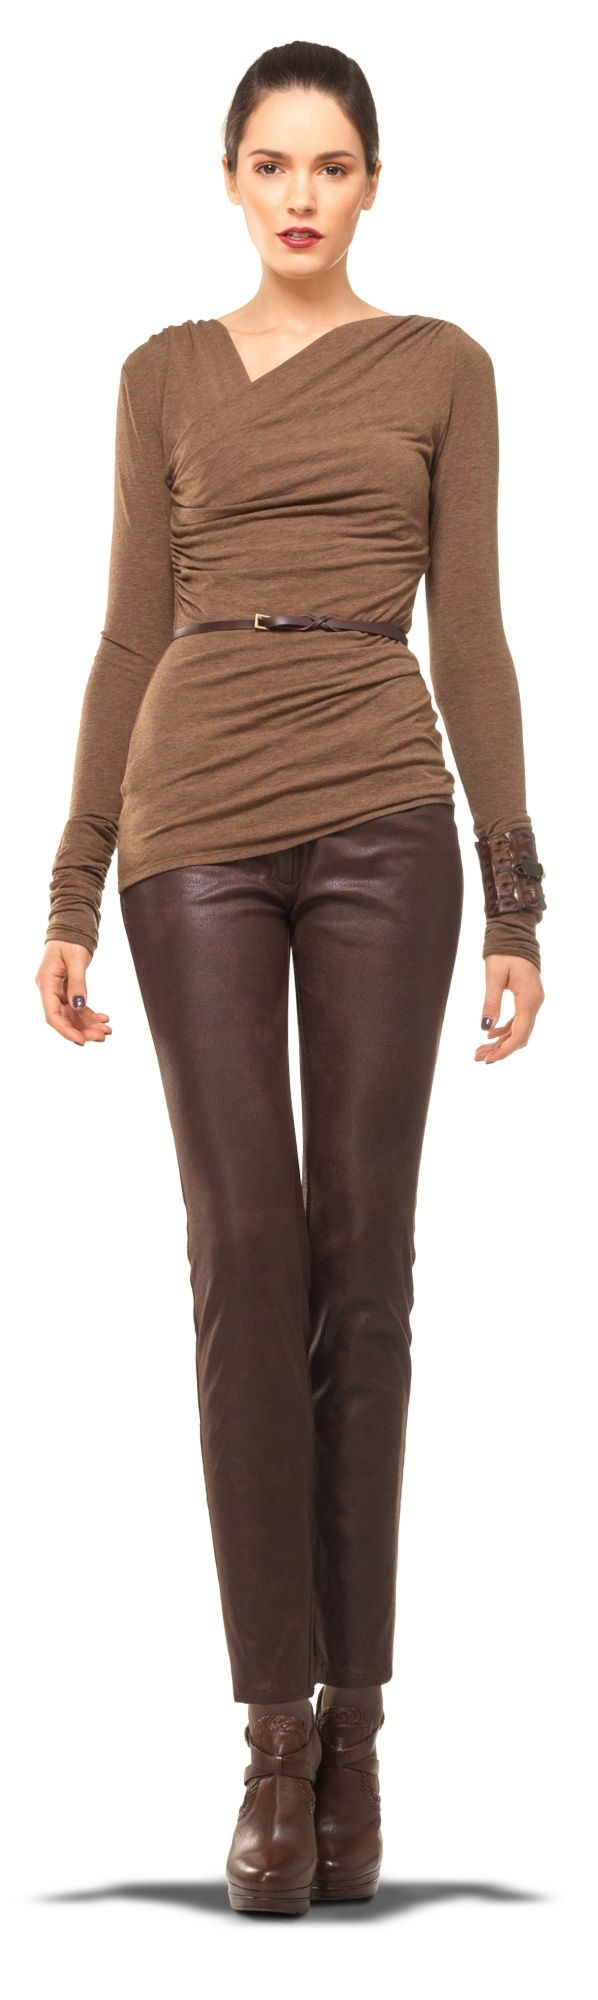 leather pant.-naturall- deri- suni deri- renkli deri pantolonlar-trend modeller-nasıl-giyilir-nereden-alınır-klas-şık--kahve der